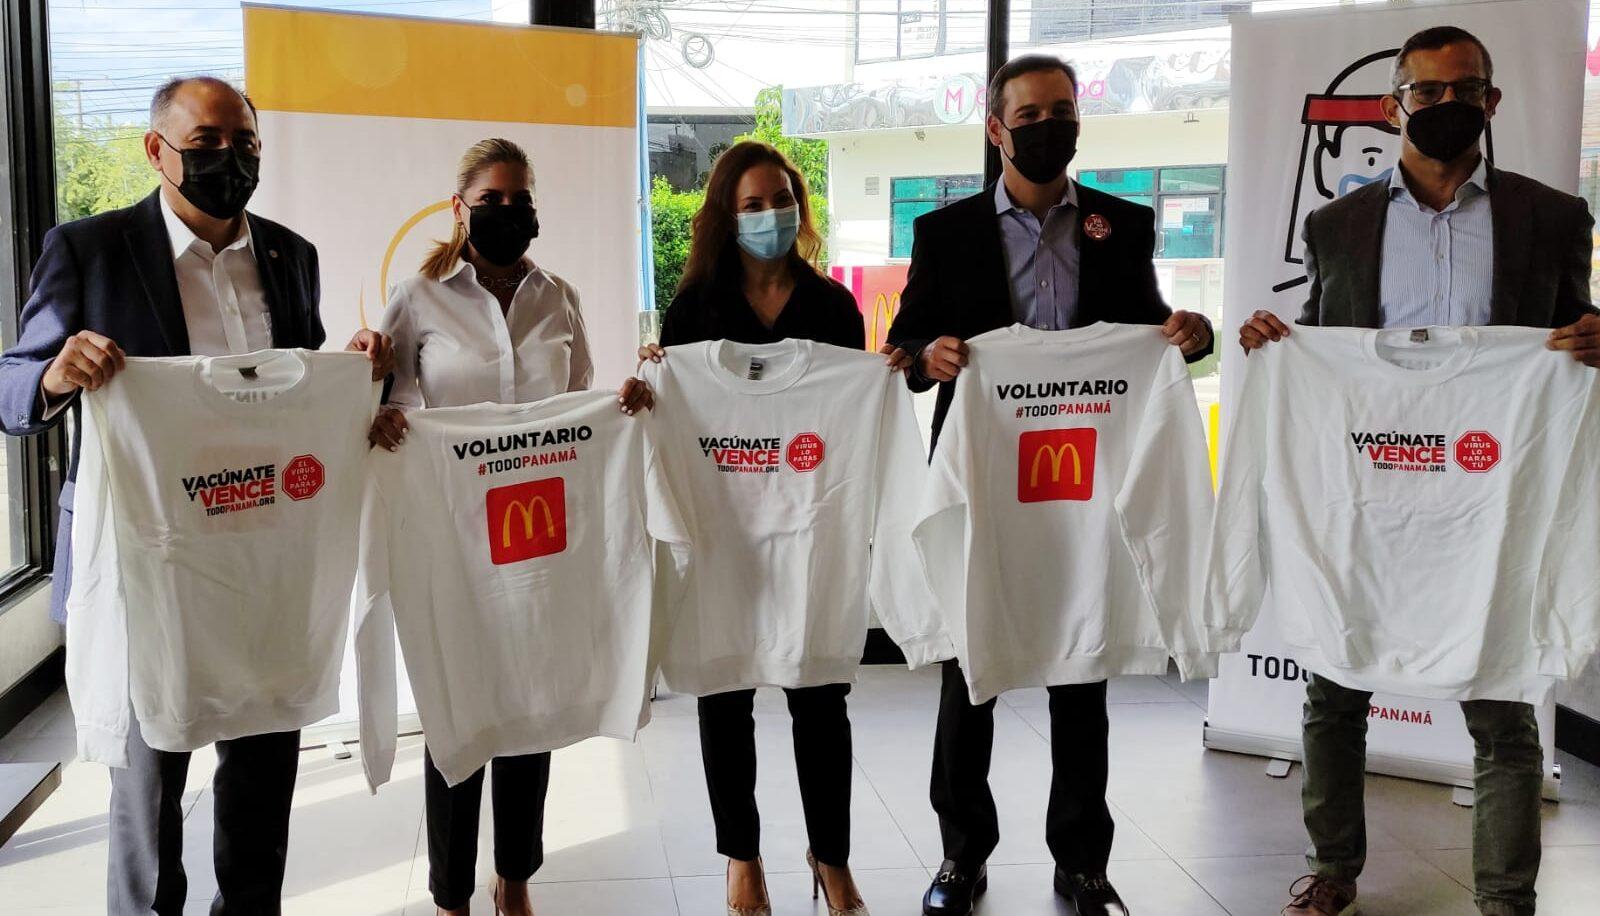 [Panamá] Apoyamos a los voluntarios de las jornadas de vacunación, Arcos Dorados realiza una significativa contribución al movimiento #TodoPanamá